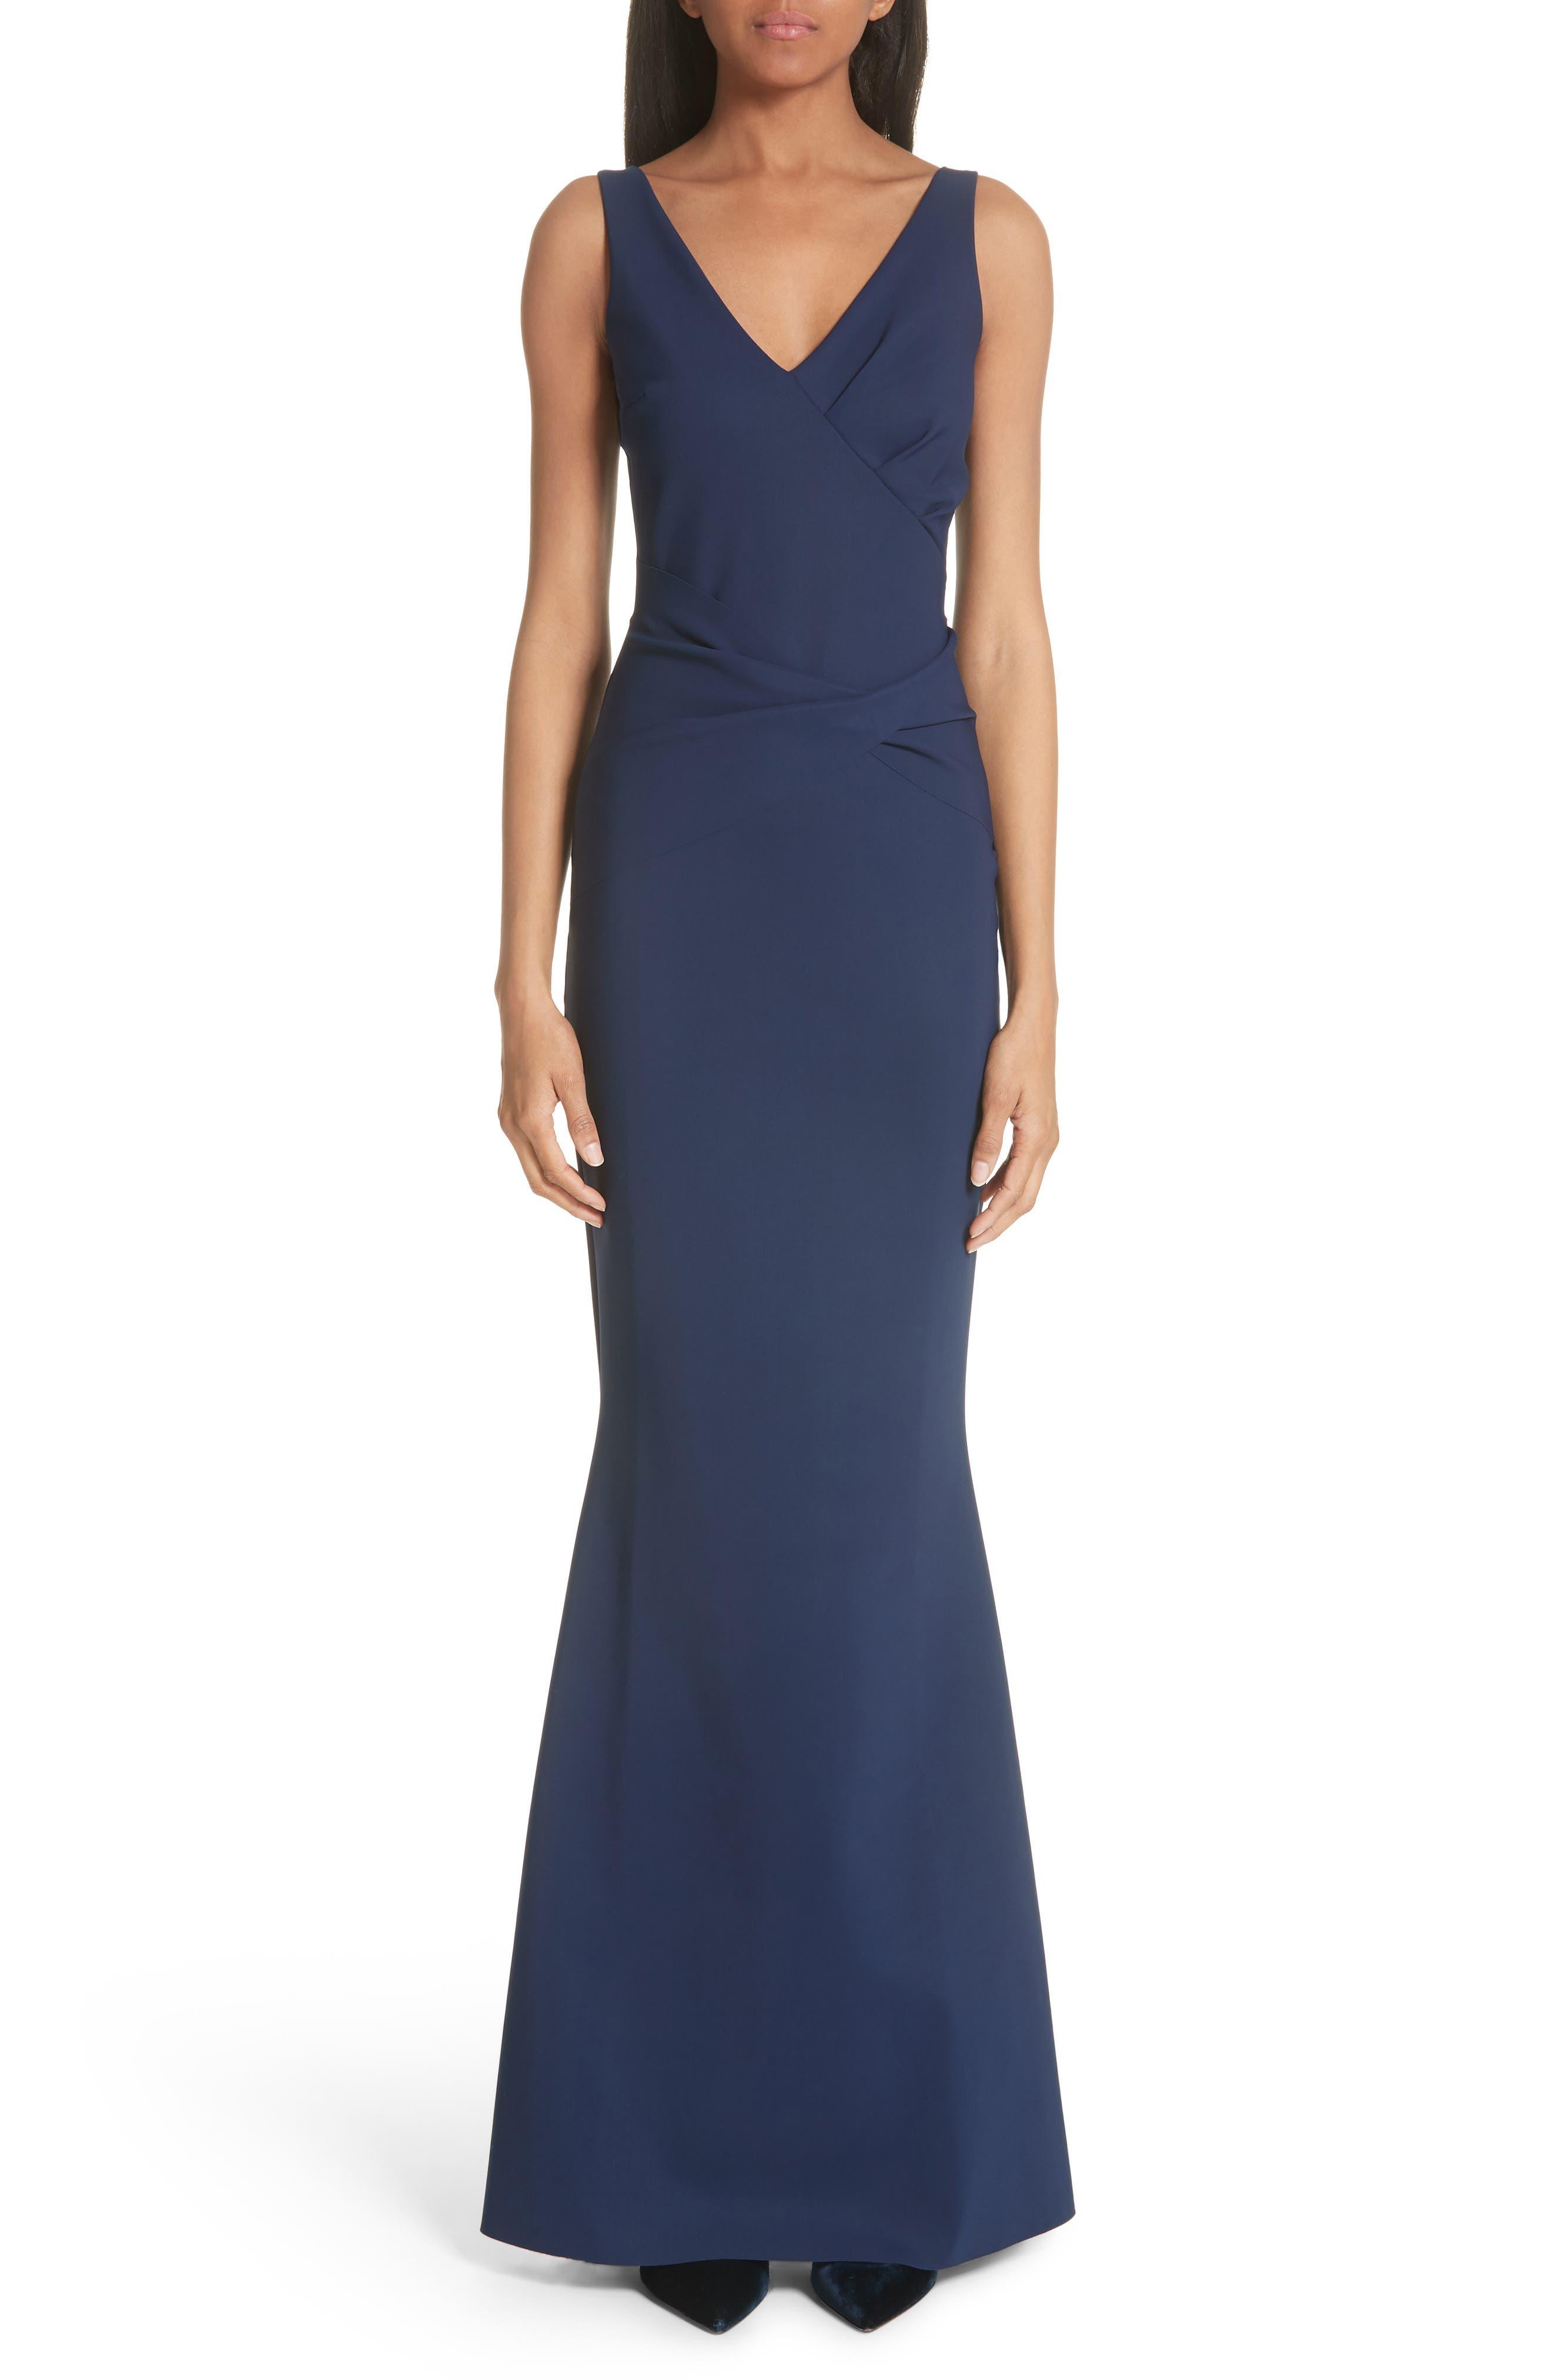 Naktis Trumpet Gown,                         Main,                         color, Blue Notte